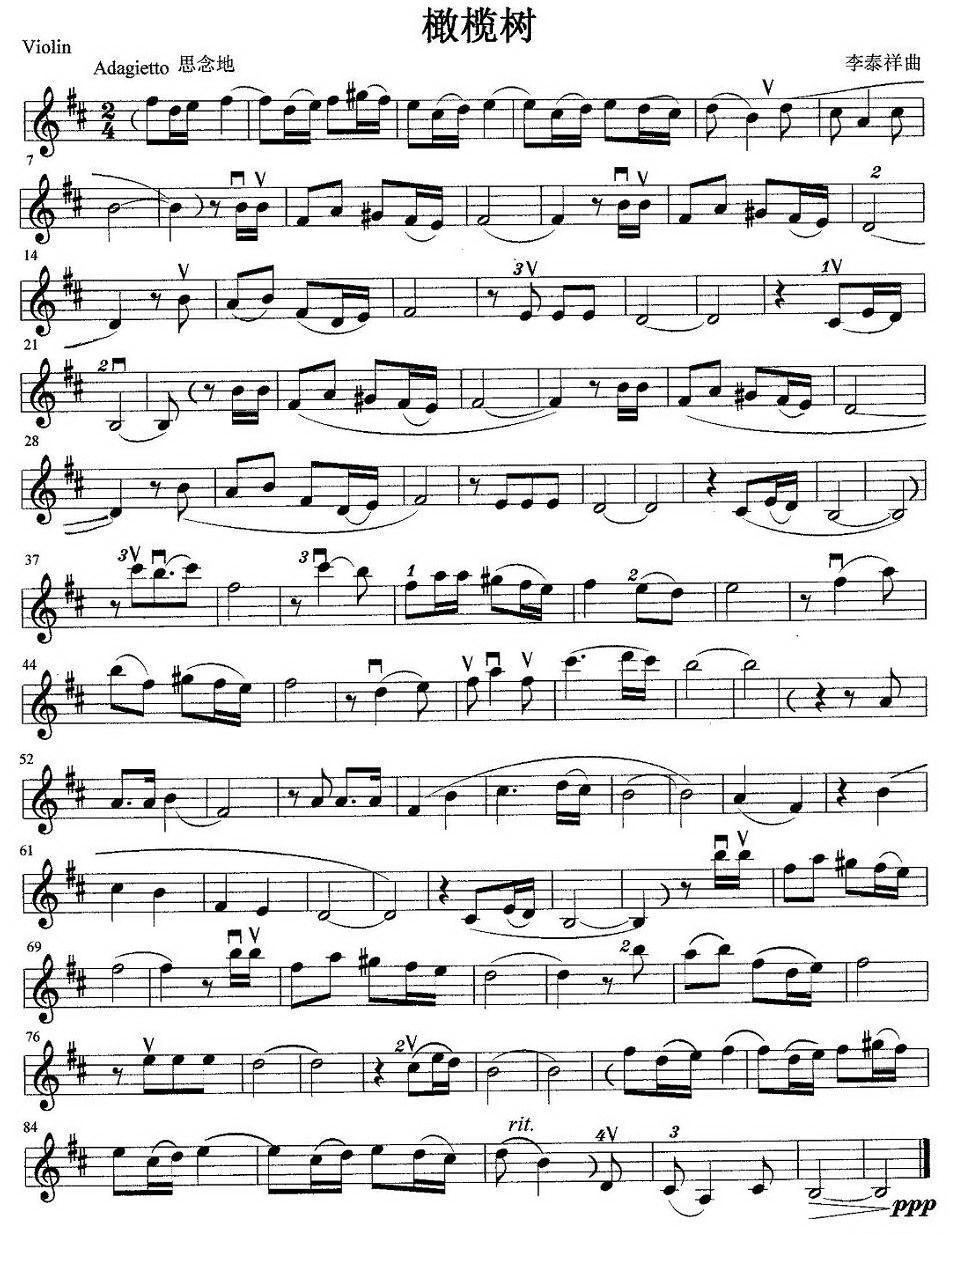 橄榄树小提琴谱